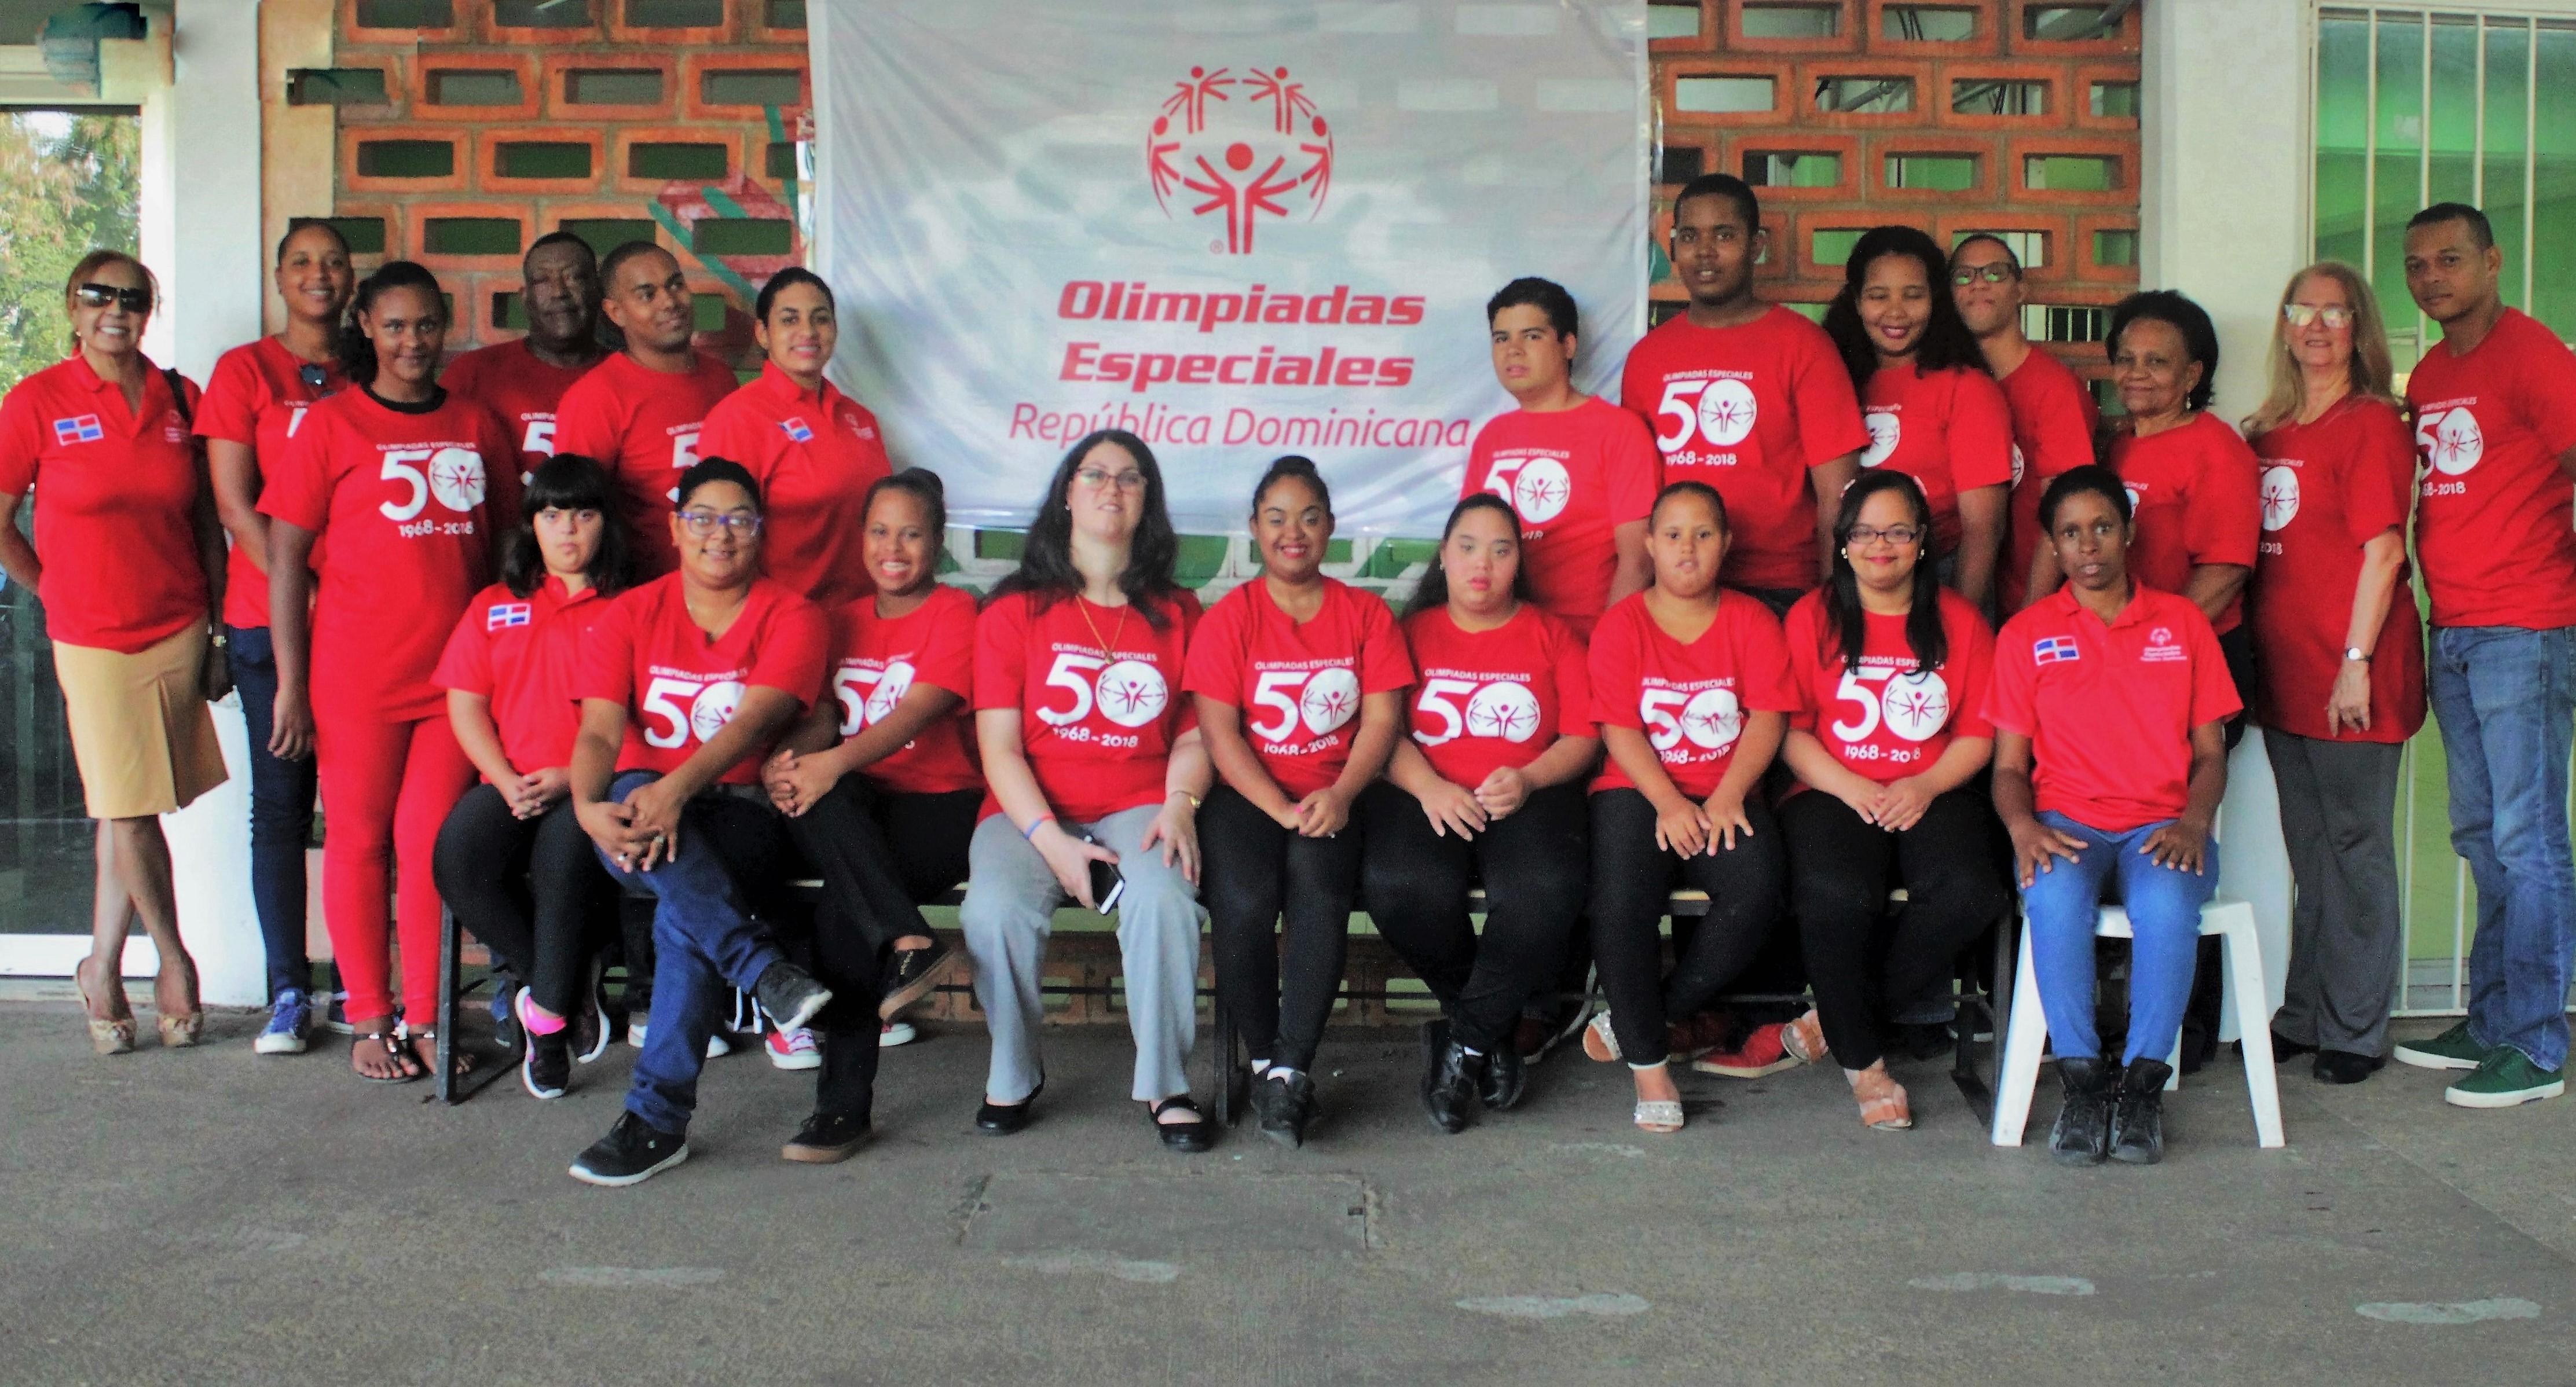 Atletas de RD participarán en Juegos Mundiales de Olimpiadas Especiales